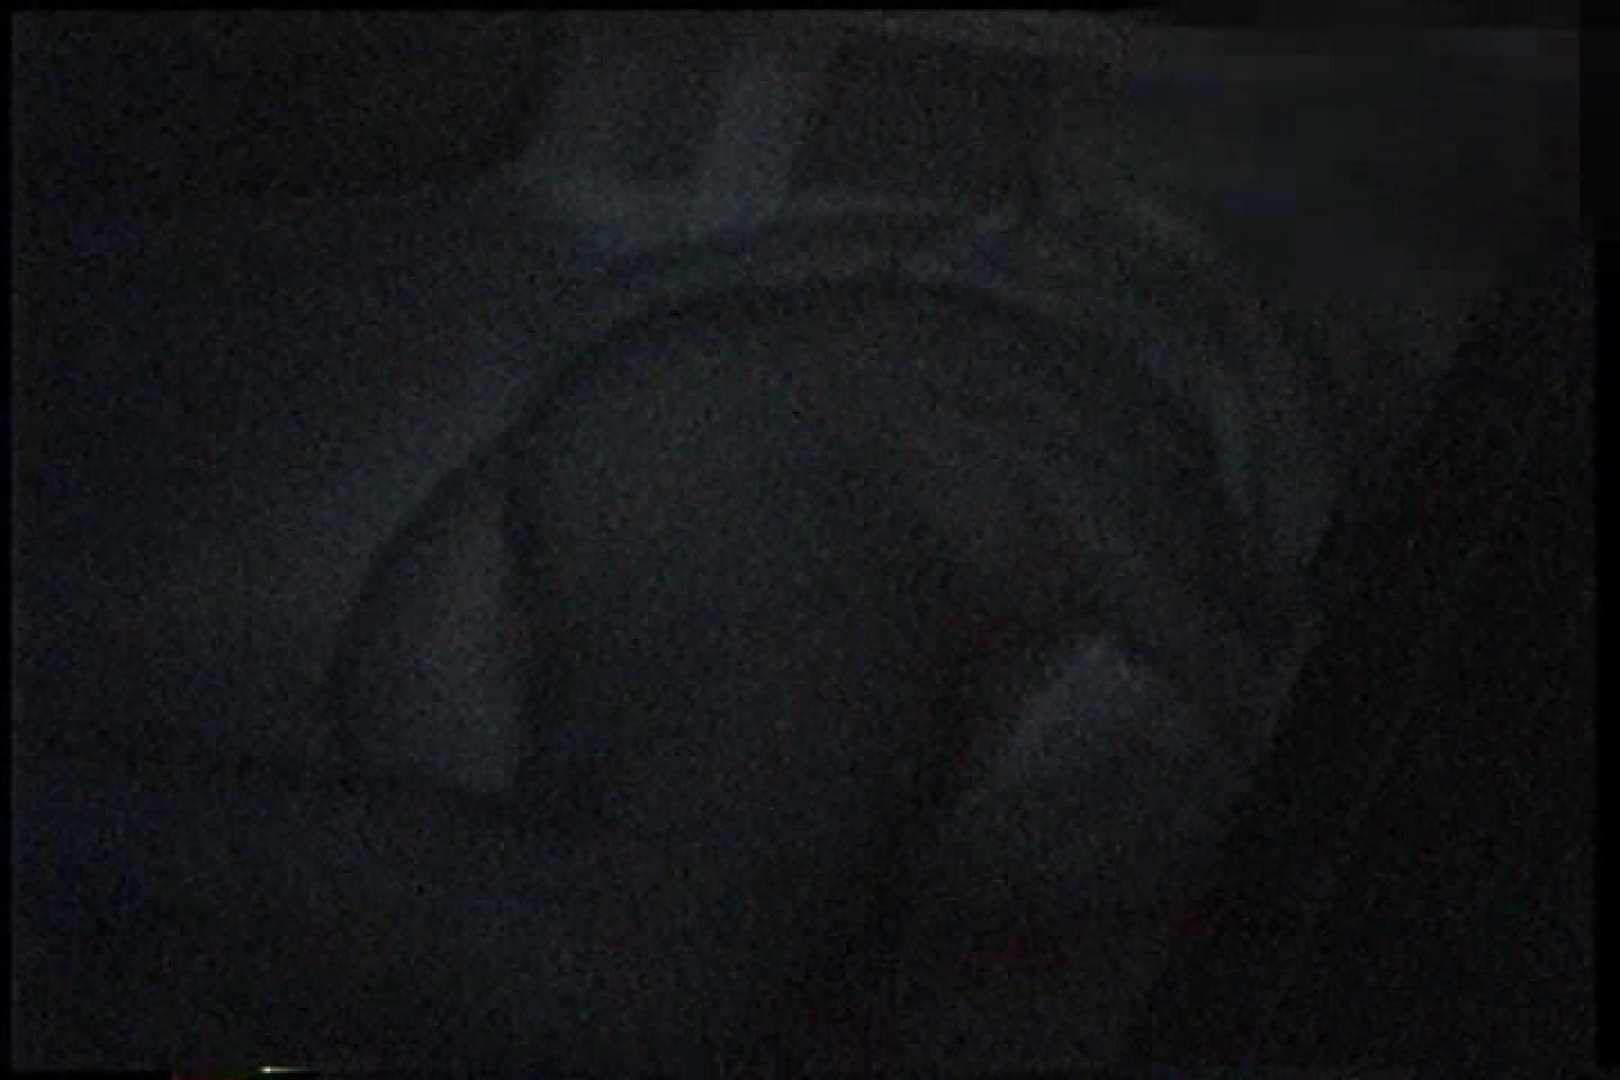 充血監督の深夜の運動会Vol.240 エロティックなOL  91画像 6